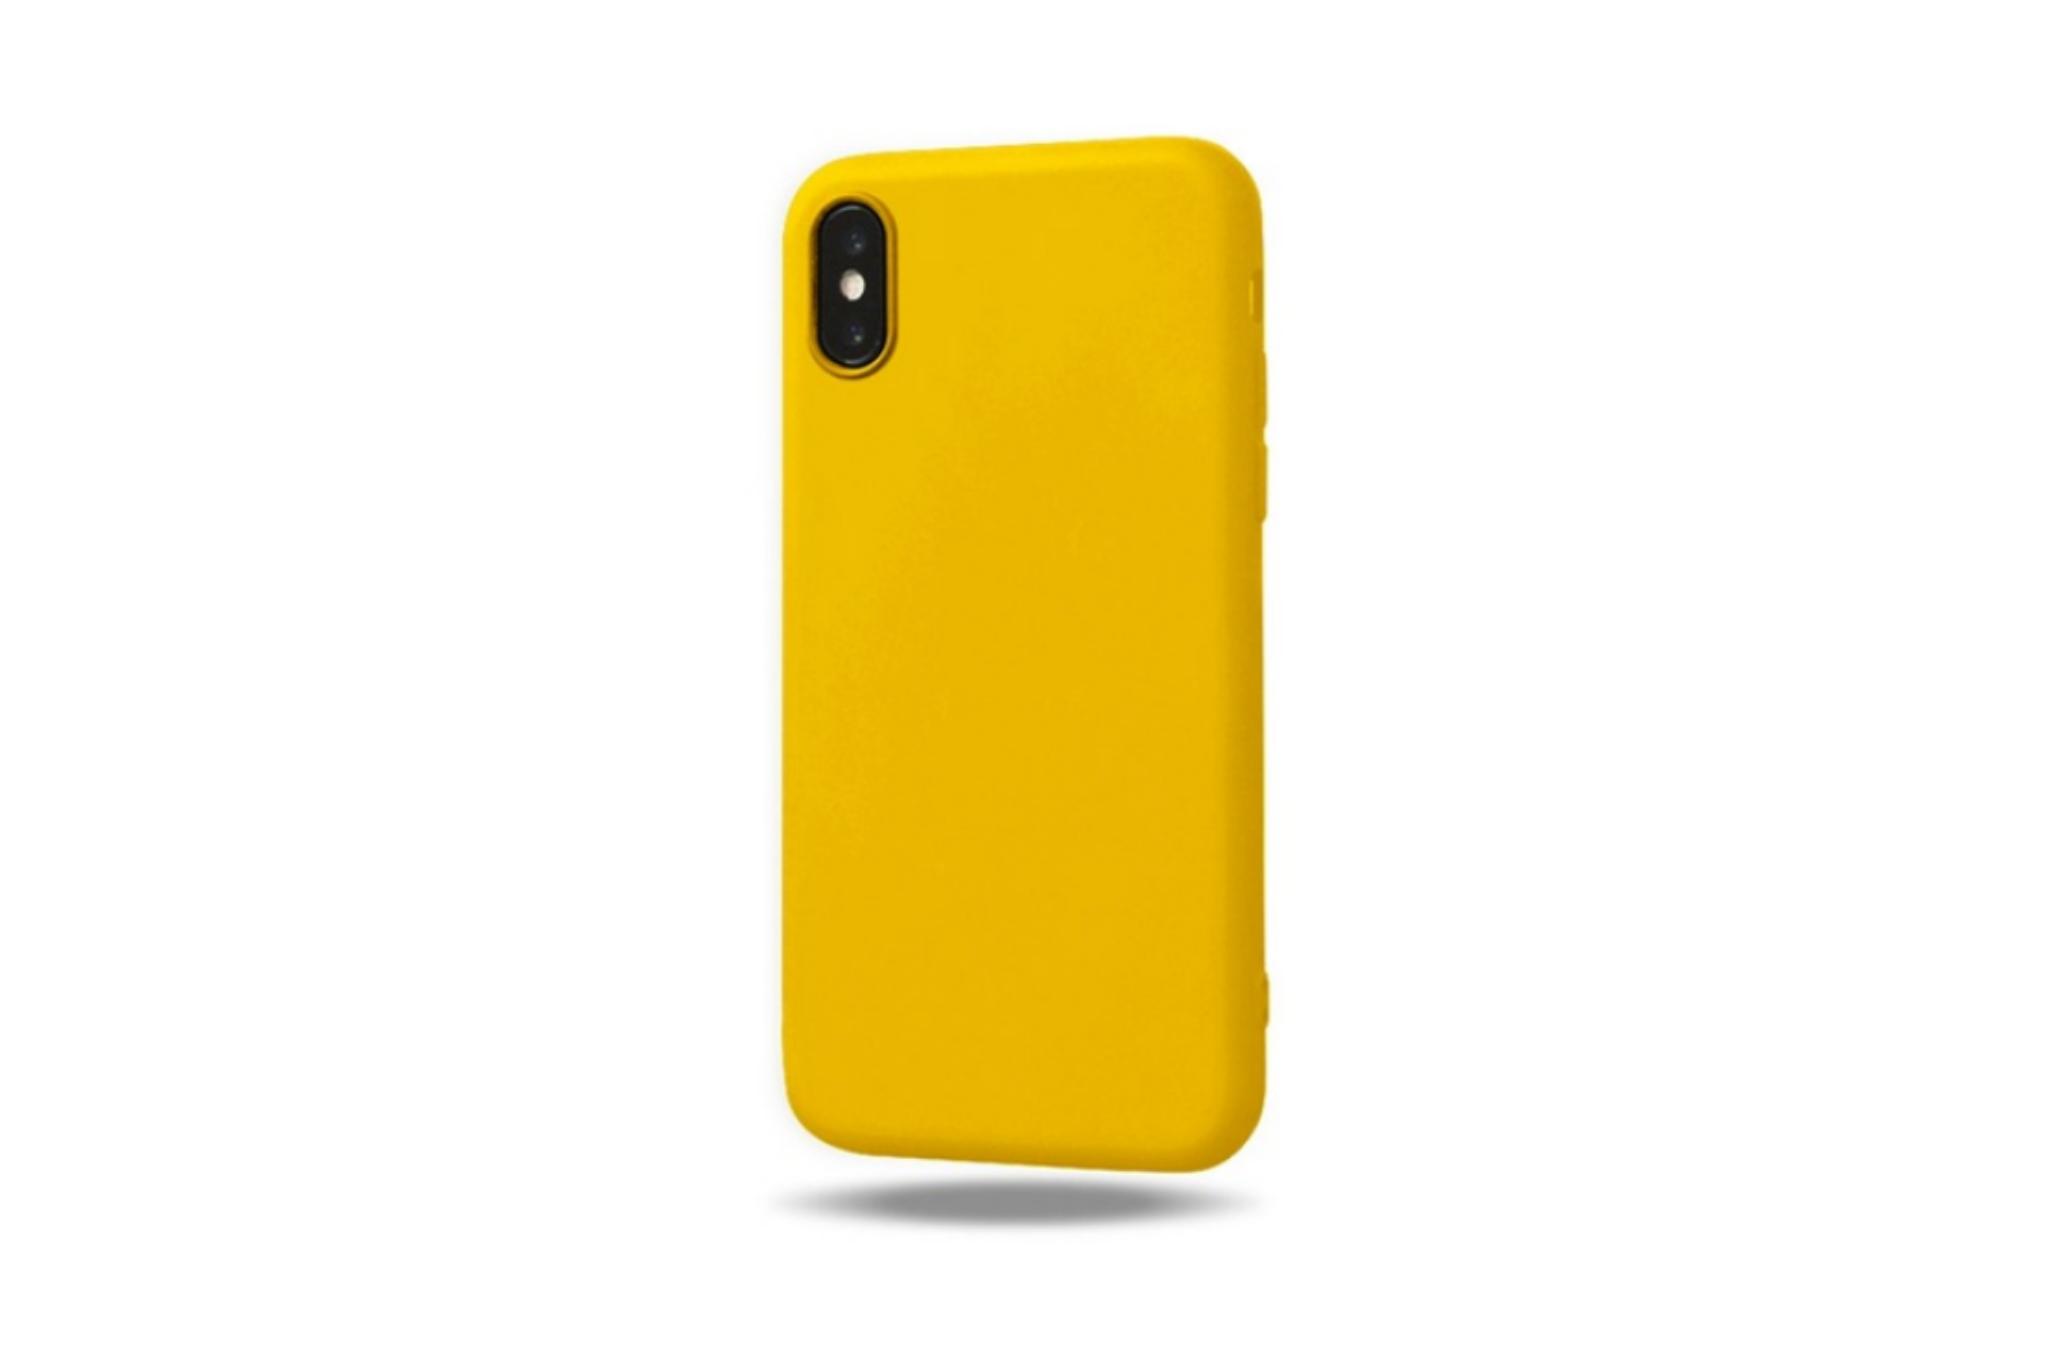 Smartphonehoesje iPhone 11 Pro Max | Geel